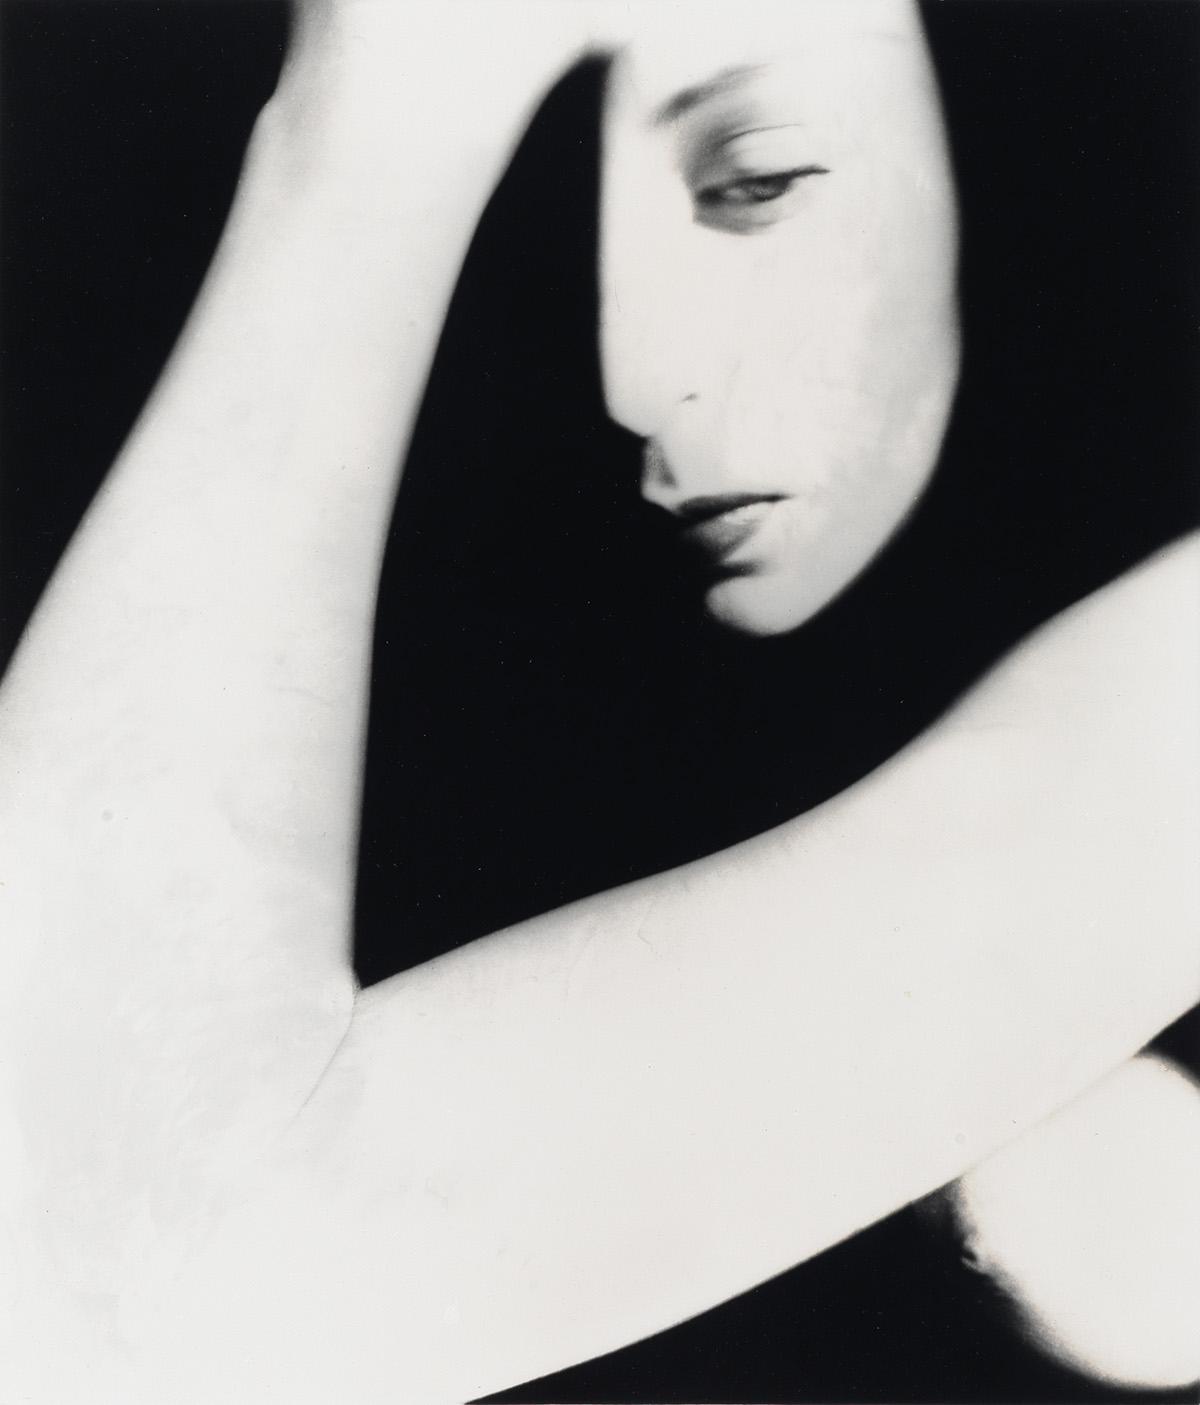 BILL-BRANDT-(1904-1983)-Nude-(Bent-Elbow-London)